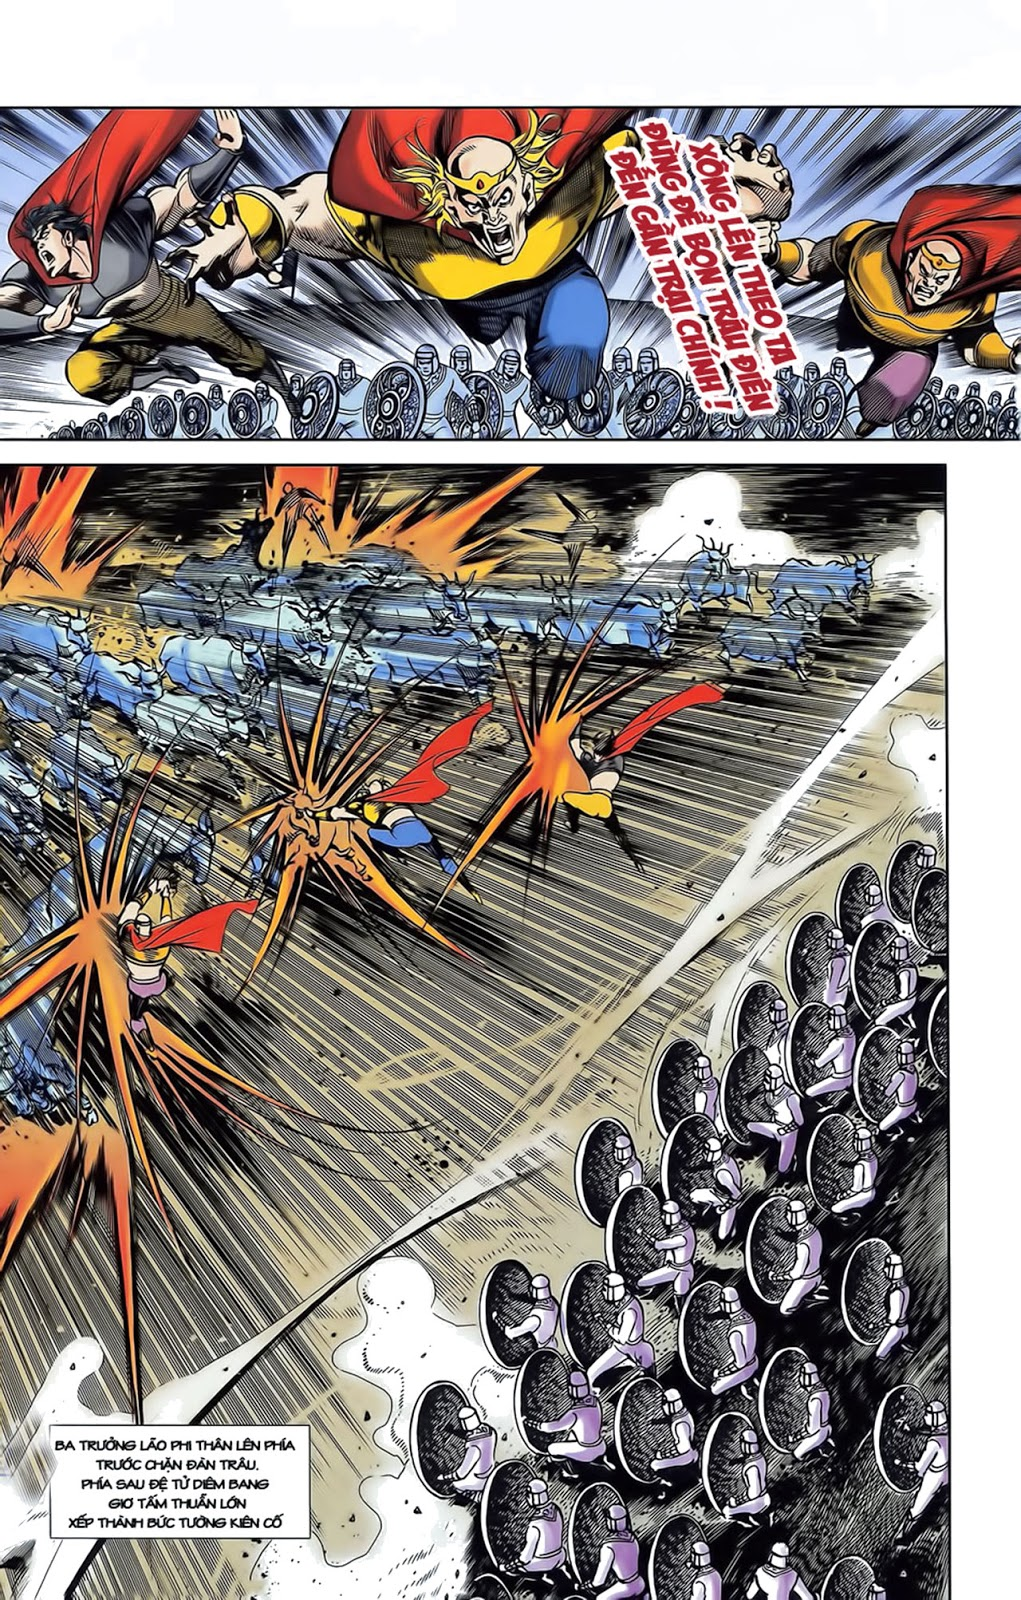 Tần Vương Doanh Chính chapter 8 trang 32